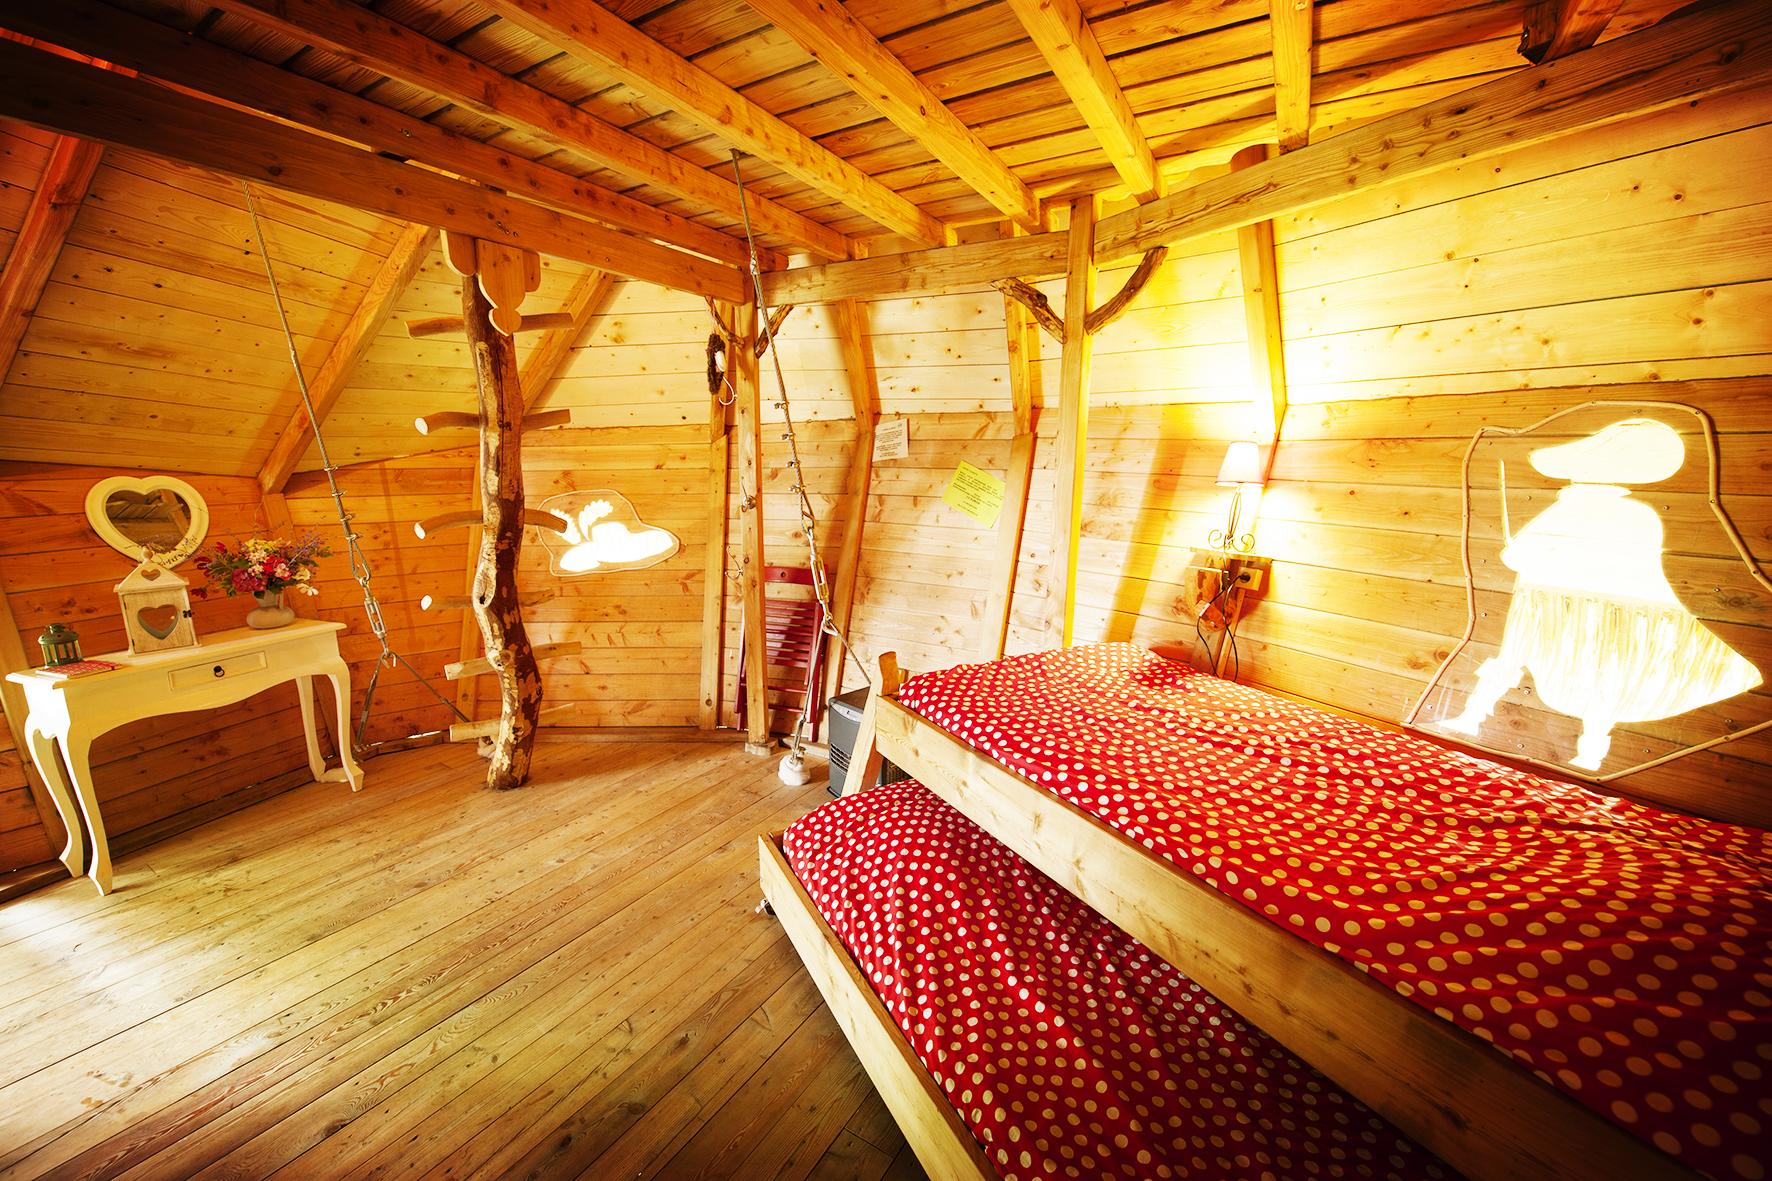 Réserver un séjour insolite dans la cabane familiale 5 personnes